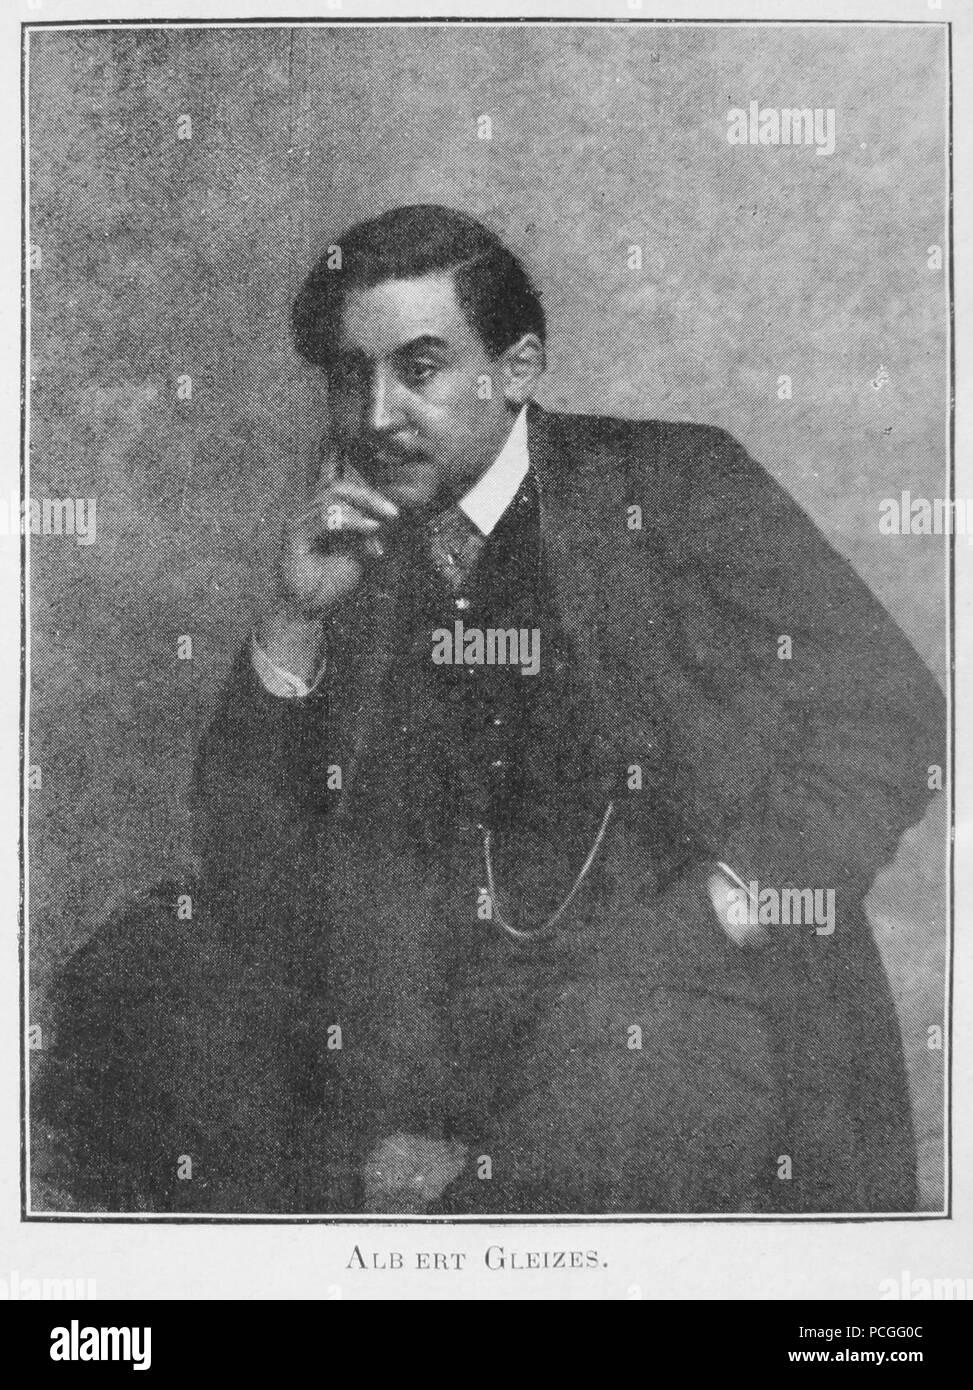 Albert Gleizes, portrait photograph, published in Les Peintres Cubistes, 1913. - Stock Image